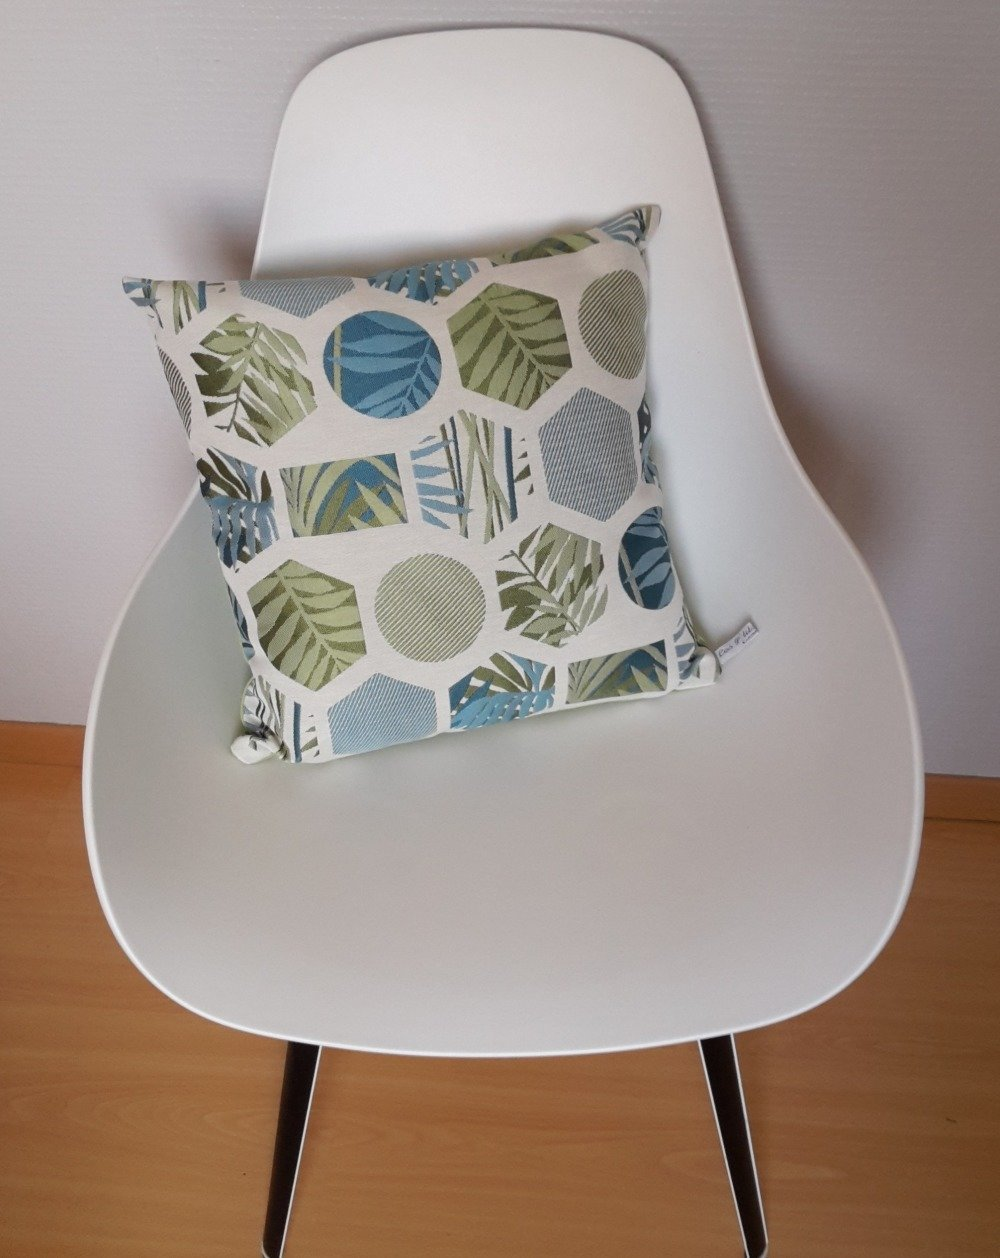 Housse de coussin aux motifs géométriques et natures en vert et bleu canard